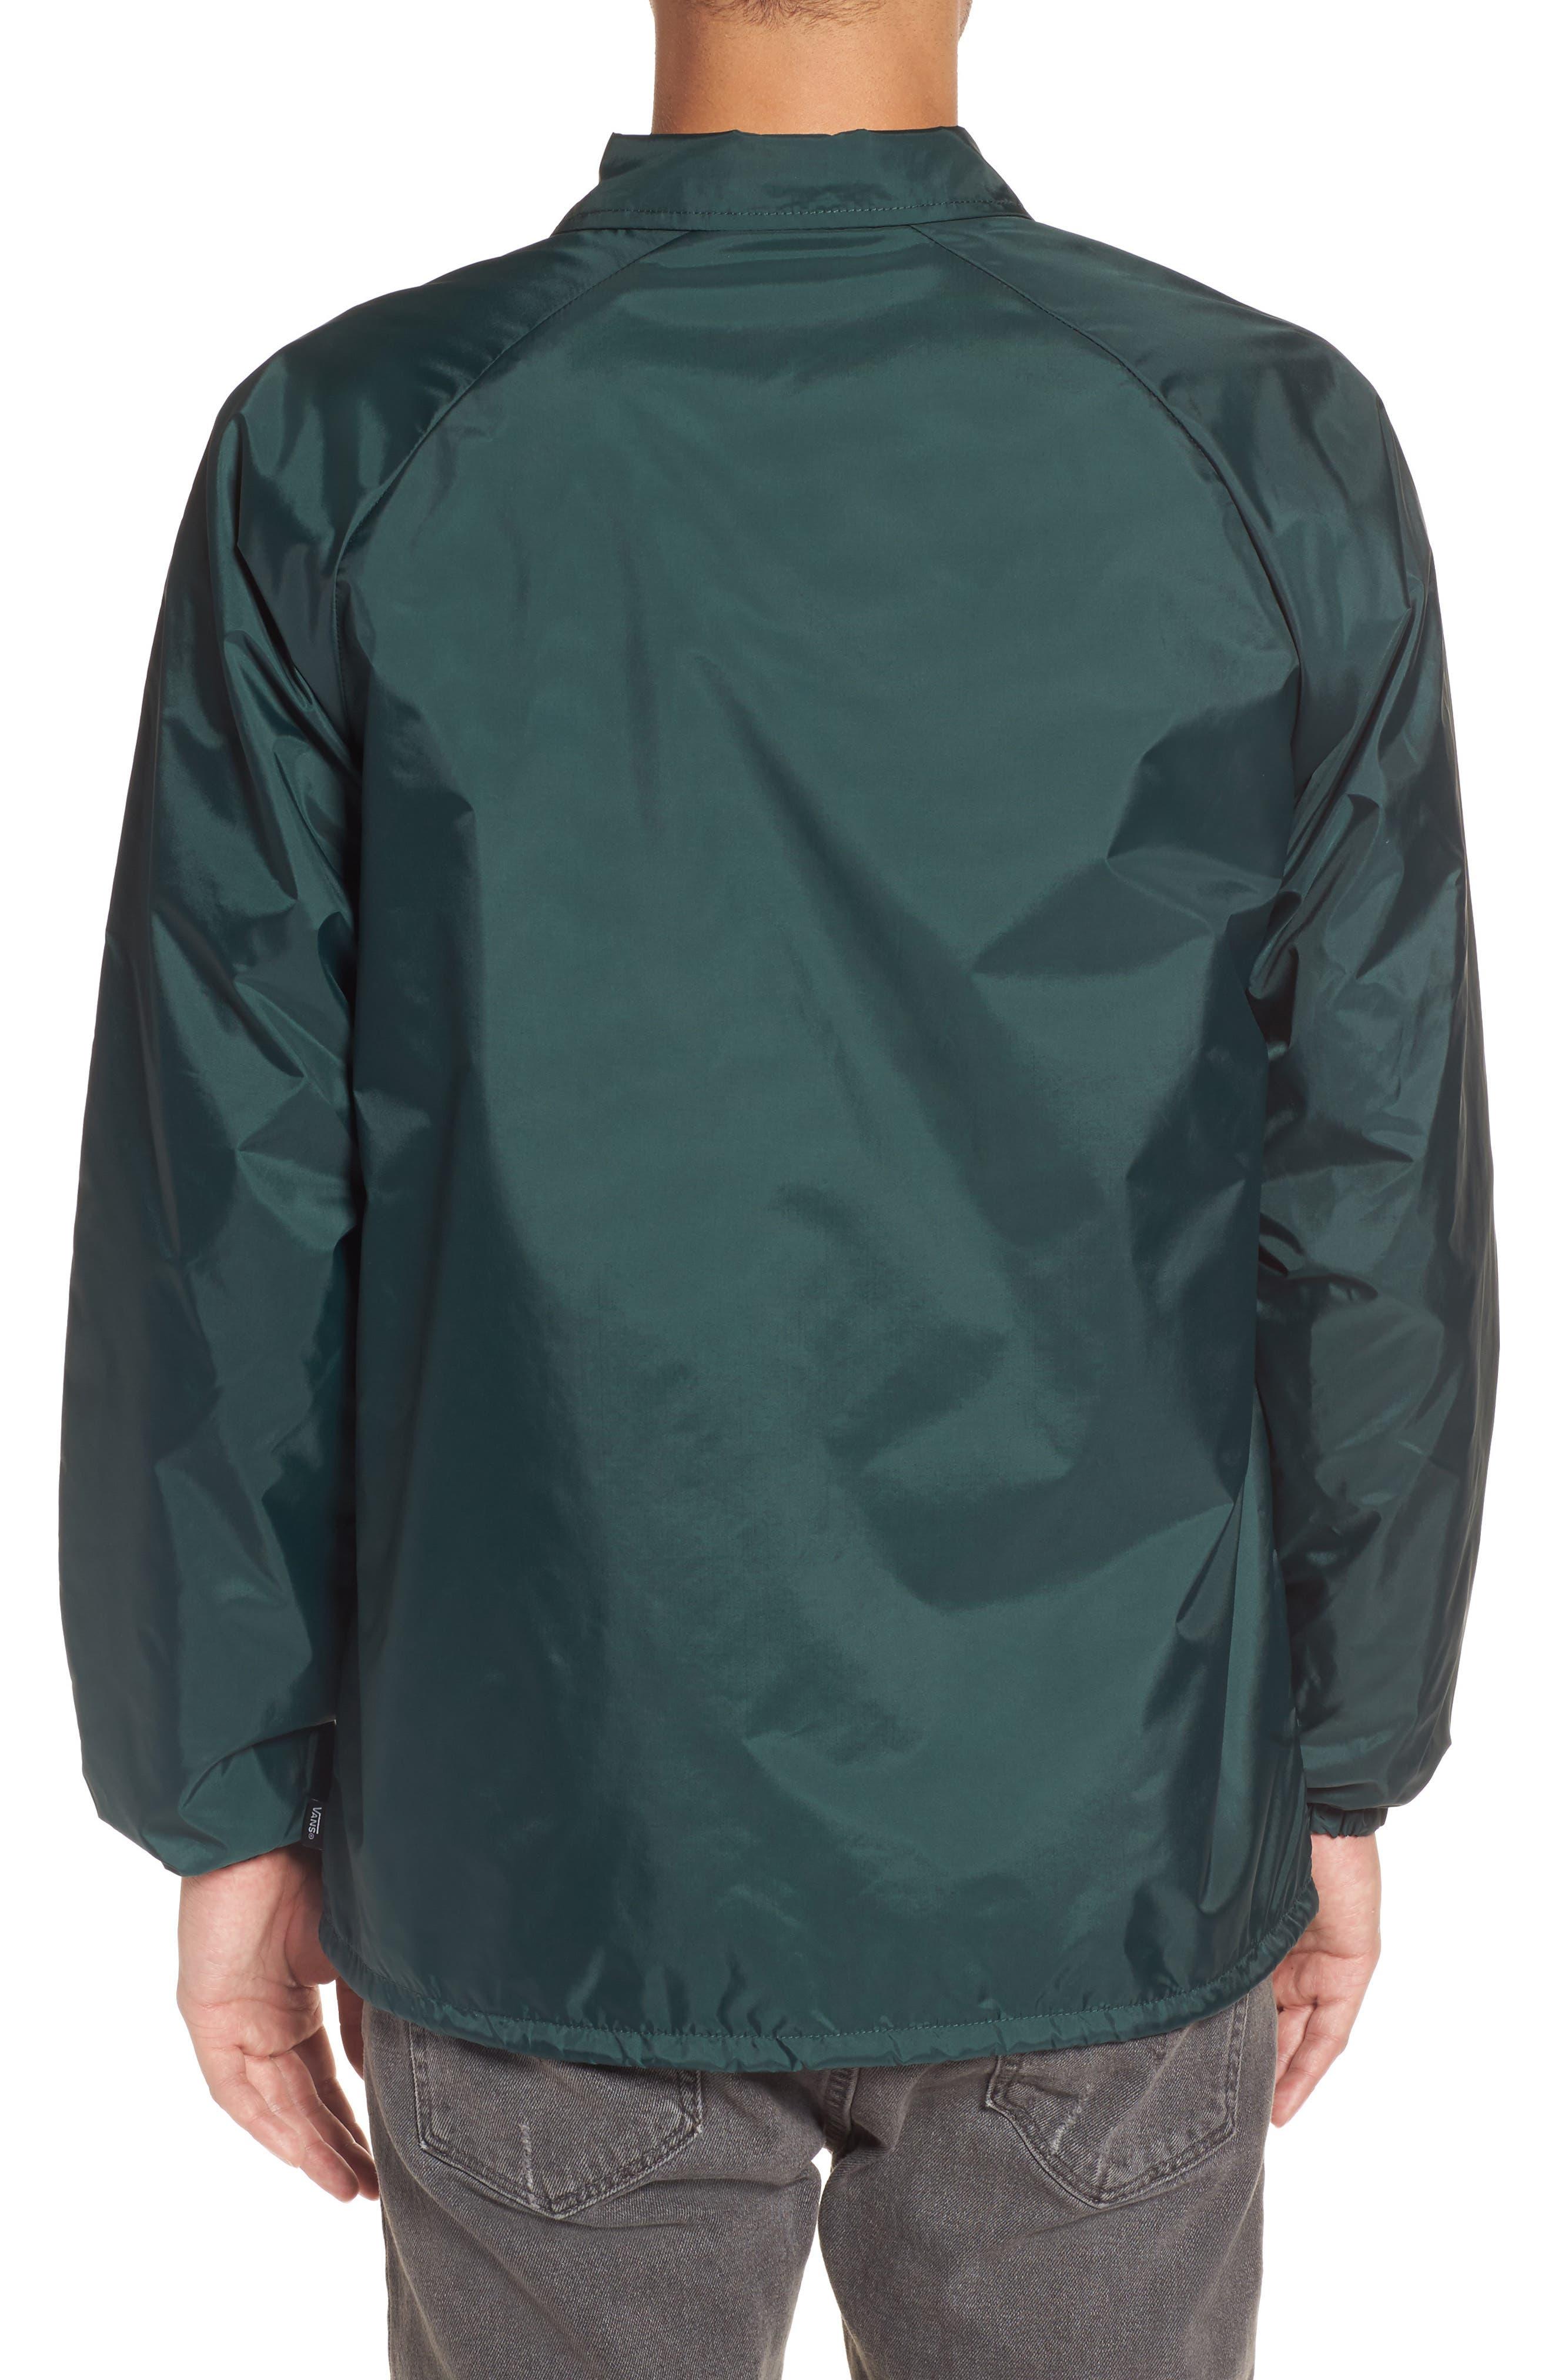 Alternate Image 2  - Vans Torrey Water Resistant Jacket